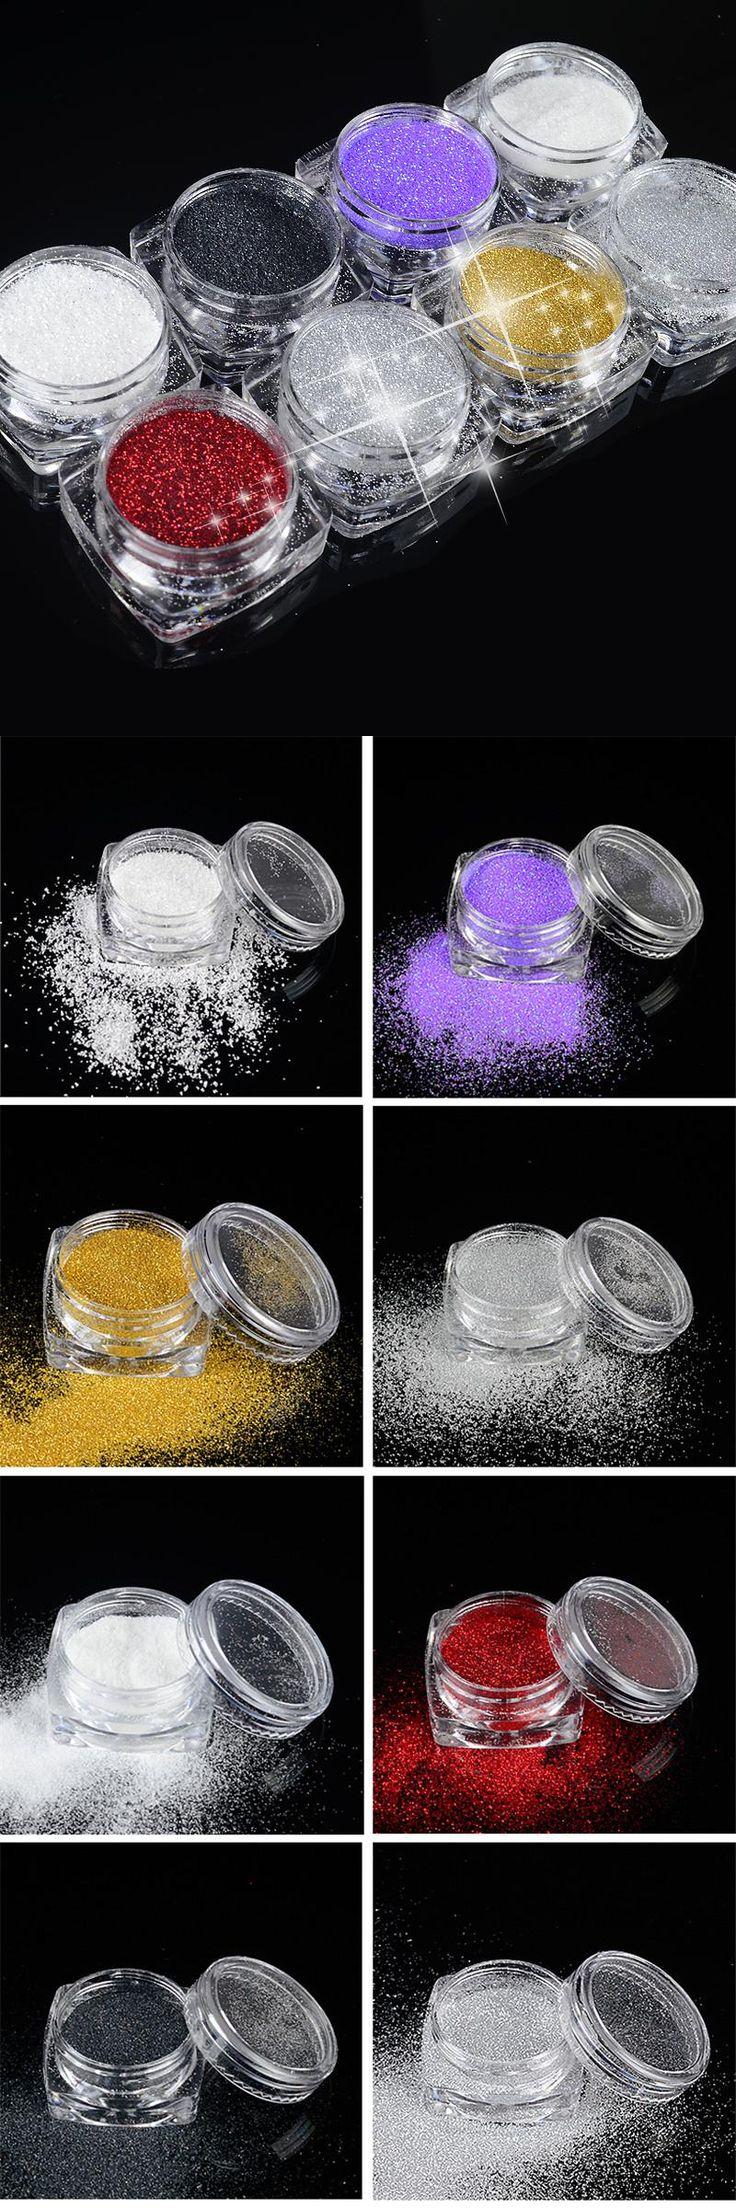 [Visit to Buy] nail stamping plates konad stamping nail art stamp Nails styling nail tools makeup make up art plates plate M676-11F #Advertisement